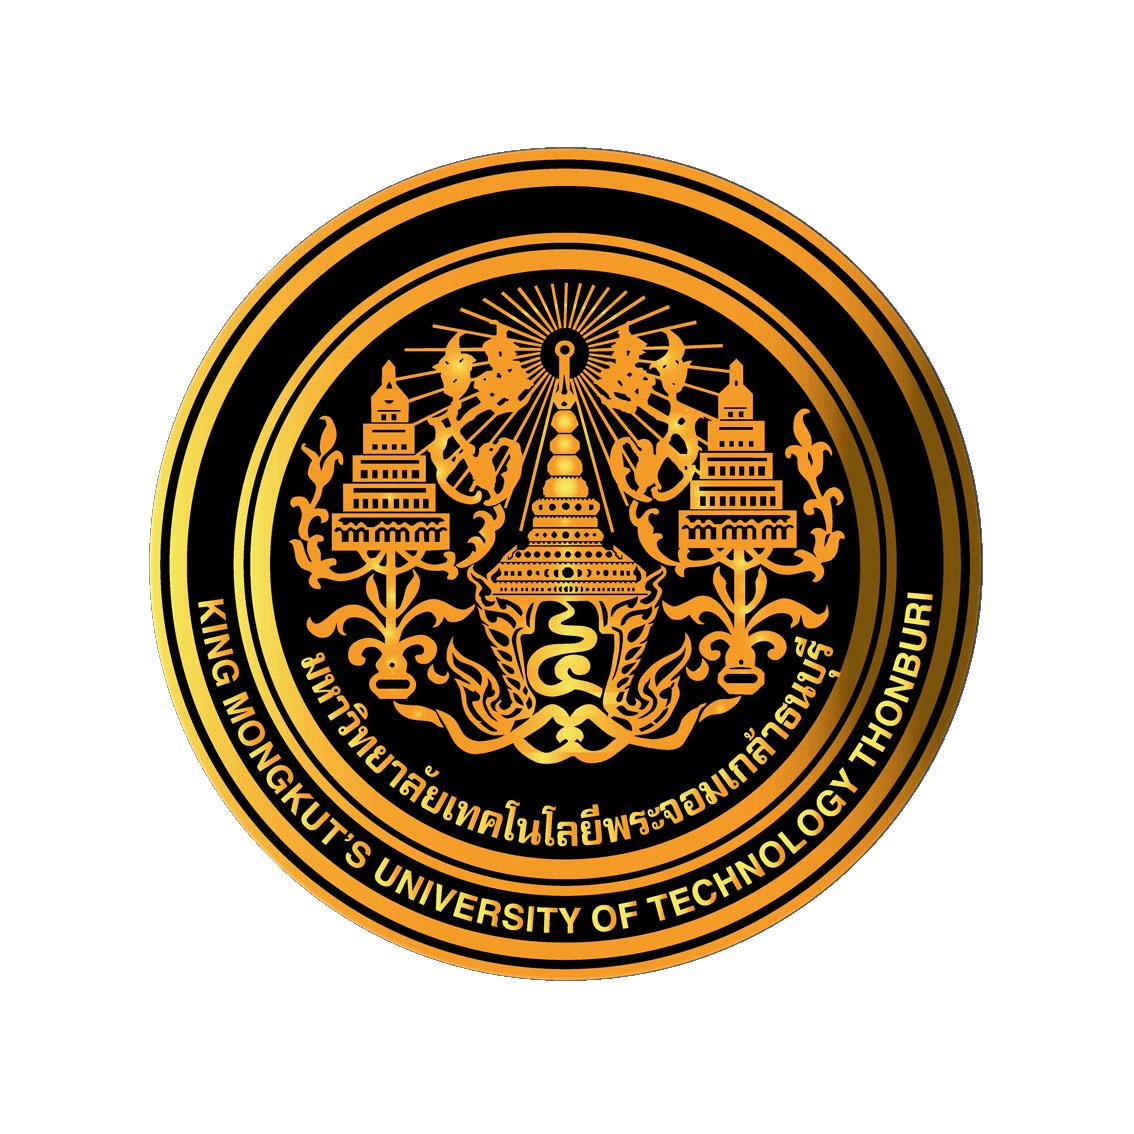 ลูกค้า: มหาวิทยาลัยเทคโนโลยีพระจอมเกล้าธนบุรี